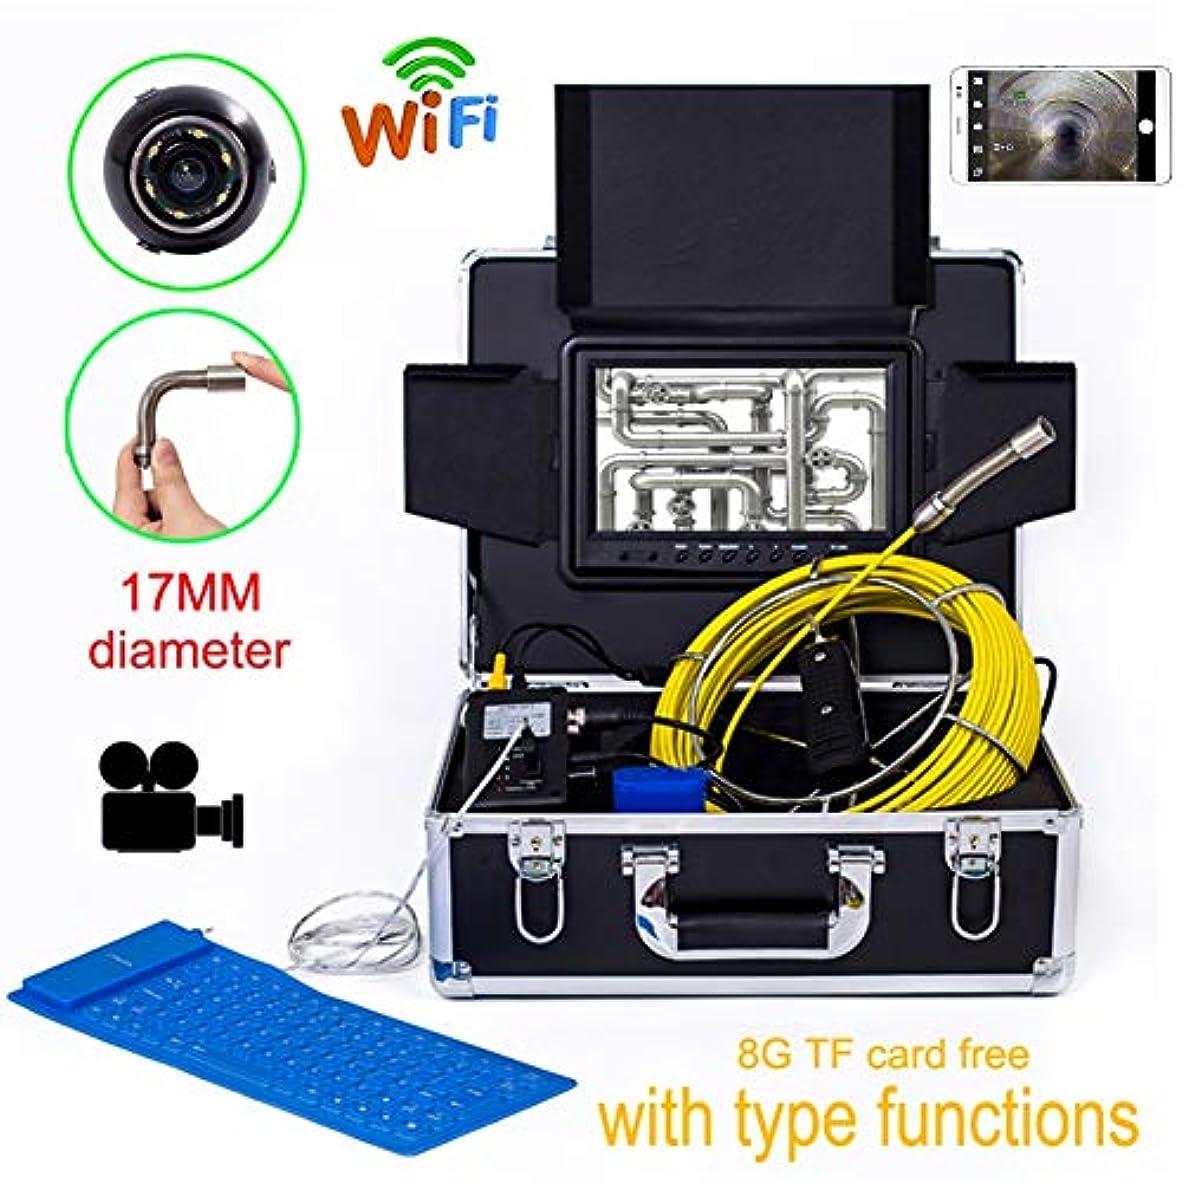 大邸宅小康ルー9インチ WIFI17MM 産業パイプライン下水道検出カメラ IP68 防水排水検出 1000 TVL カメラ DVR ビデオ (40M)